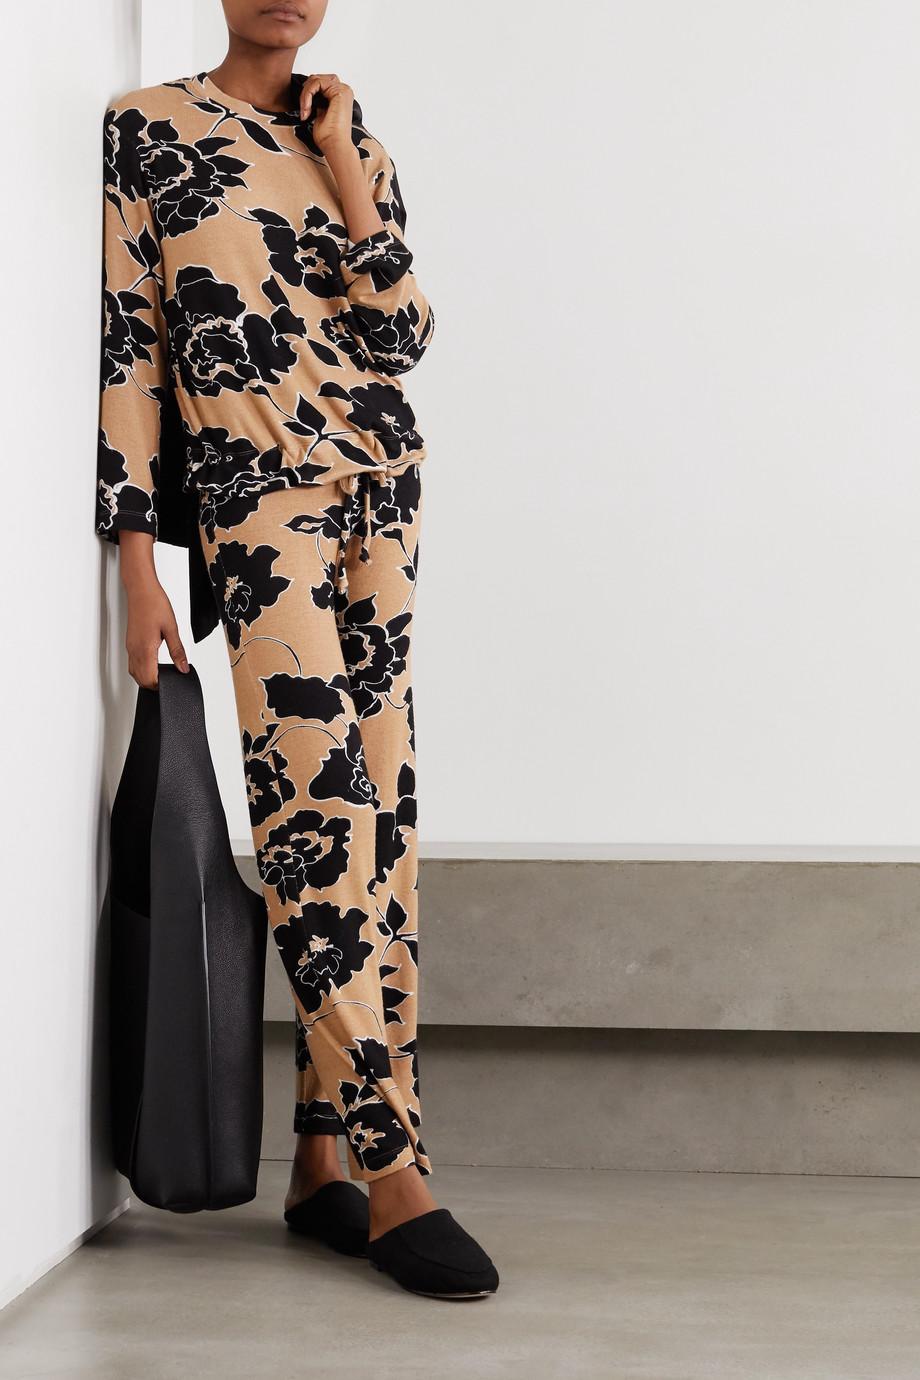 LESET Lori Hose mit weitem Bein aus Stretch-Jersey mit Blumenprint